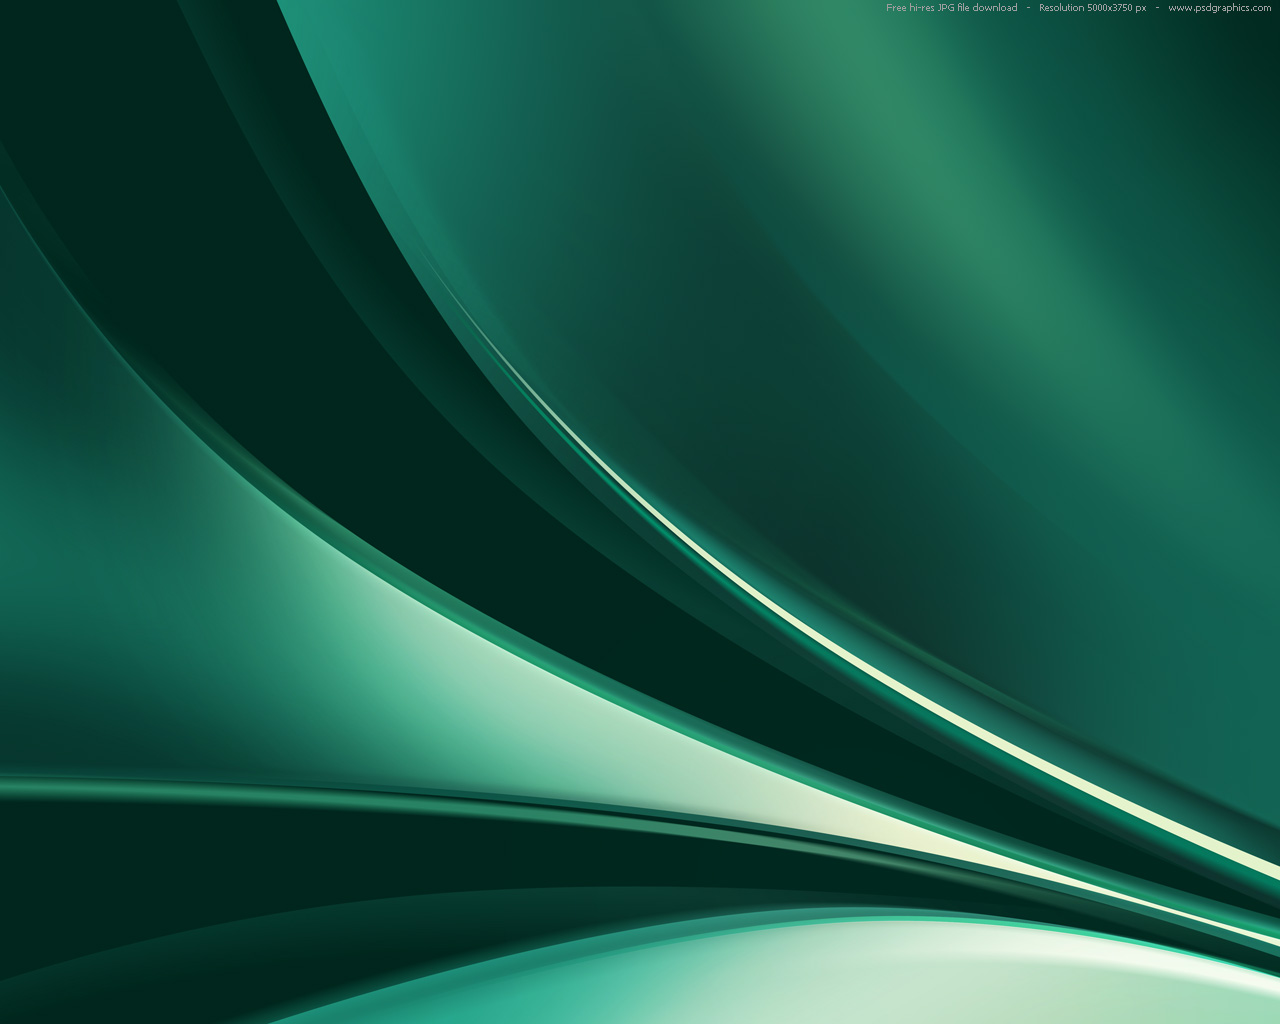 Black and Green Abstract Wallpaper - WallpaperSafari